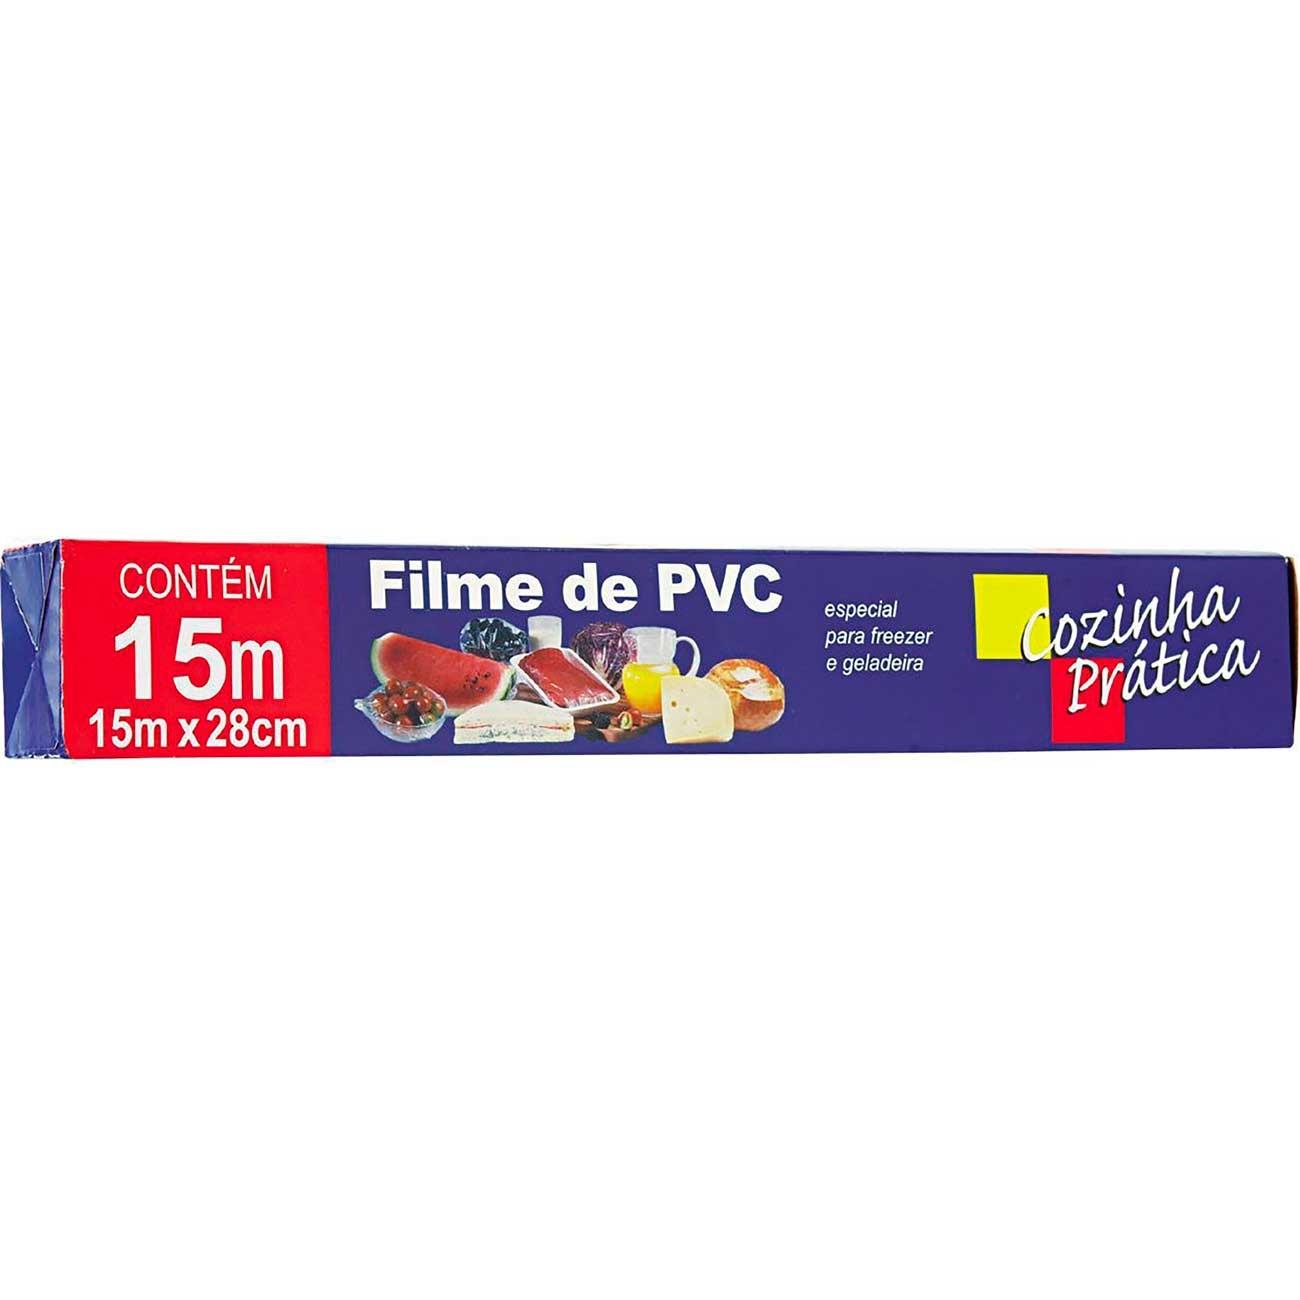 Filme De Pvc Pr�tica 15 x 28m | Caixa com 12 unidades